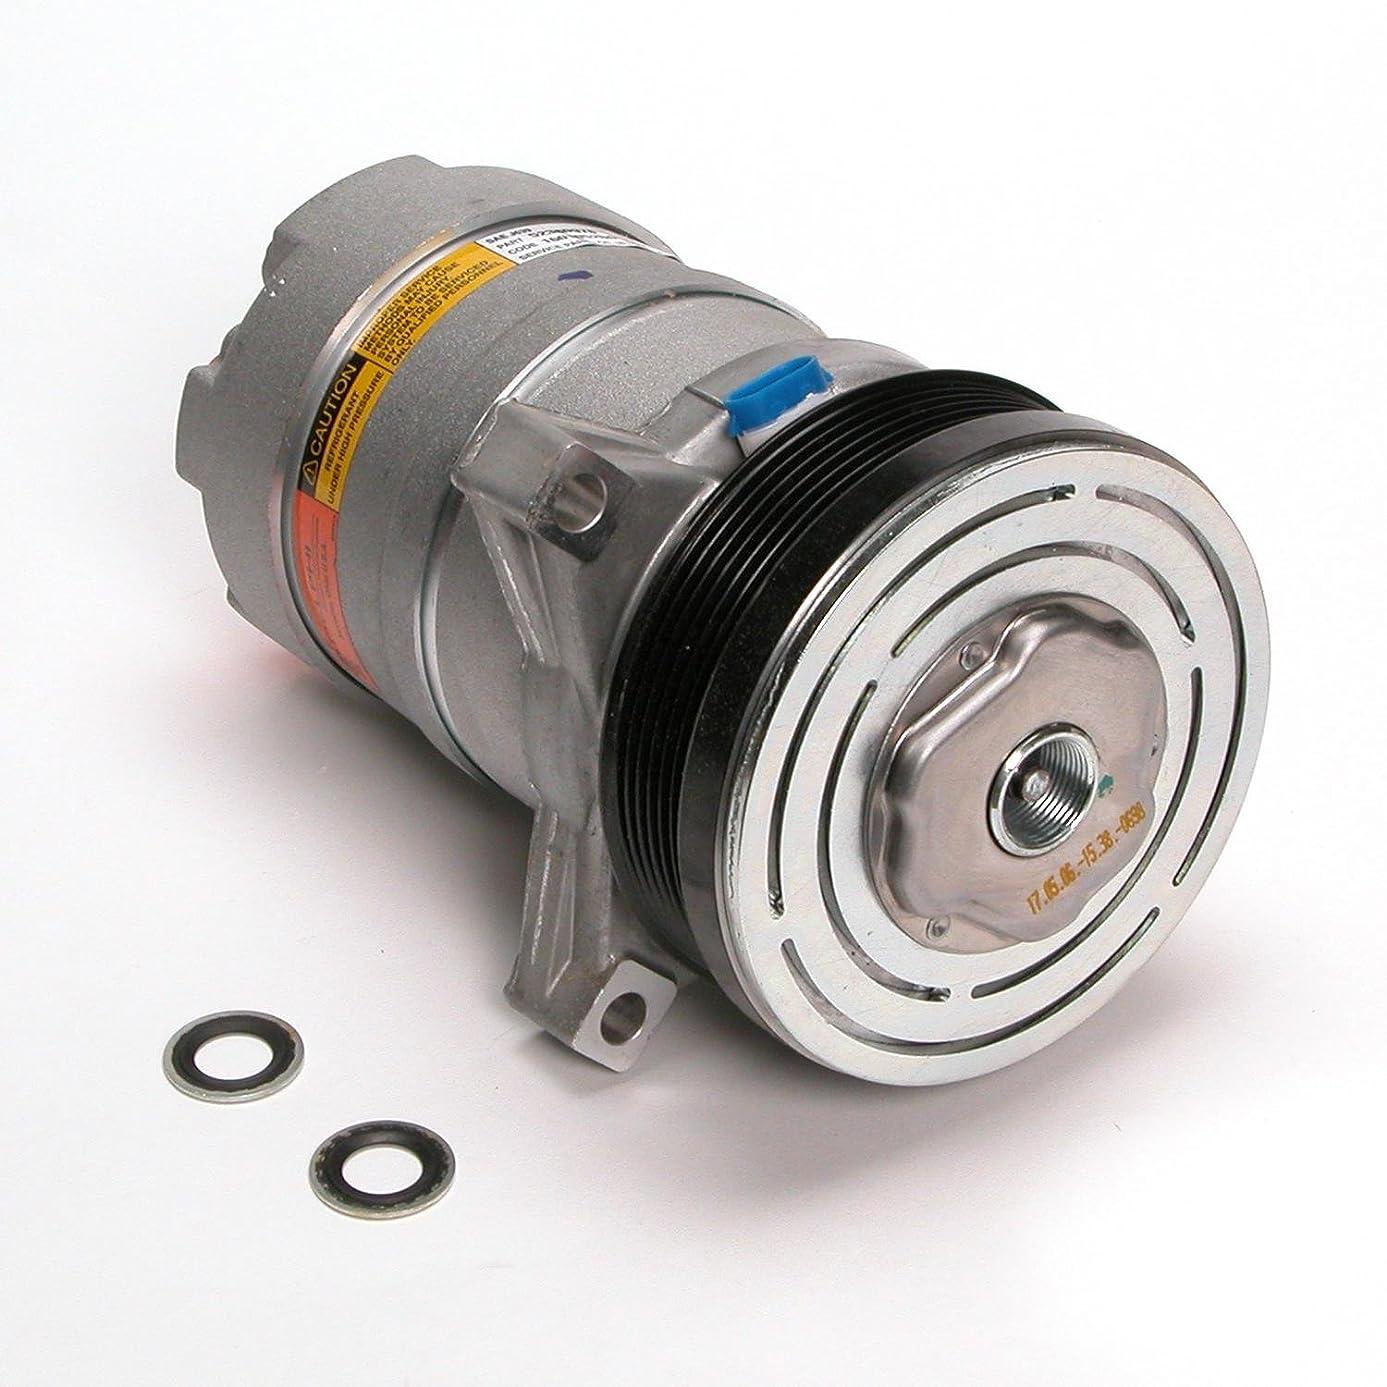 Magneti Marelli by Mopar 1AMAC00163 A/C Compressor